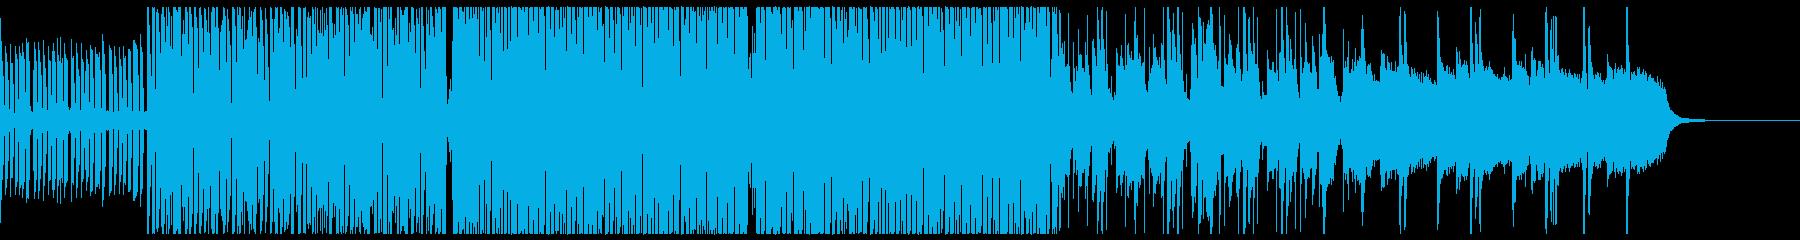 暖かい雰囲気のファンクの再生済みの波形